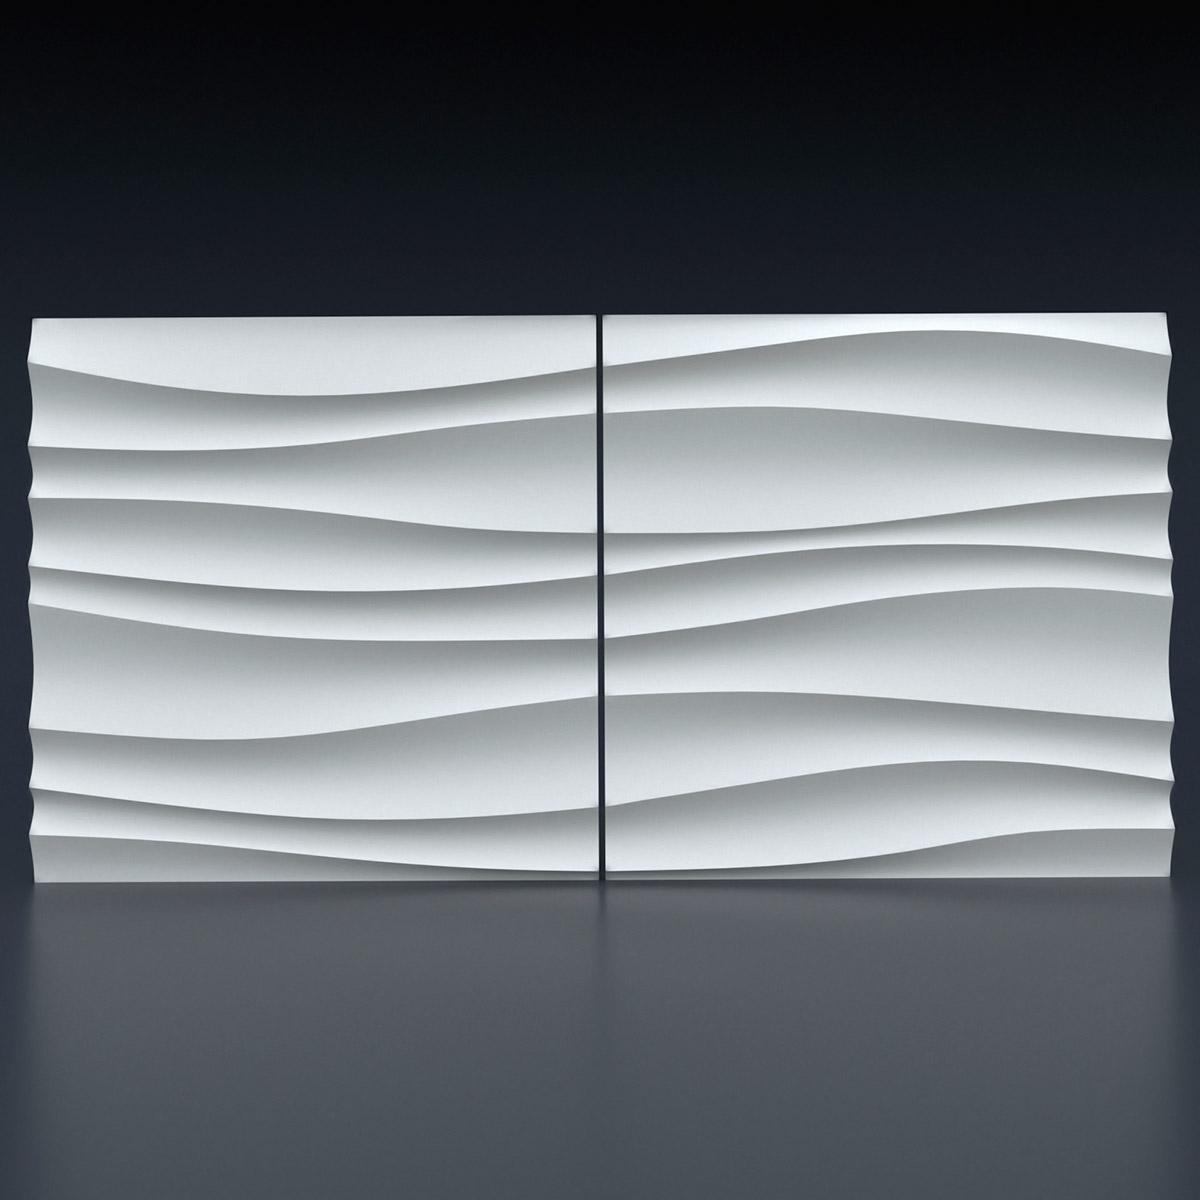 """Комплект из 2-х форм для изготовления 3D панелей """"Волна двойная острая"""". Композиция складывается в единый рисунок при использовании обеих форм."""